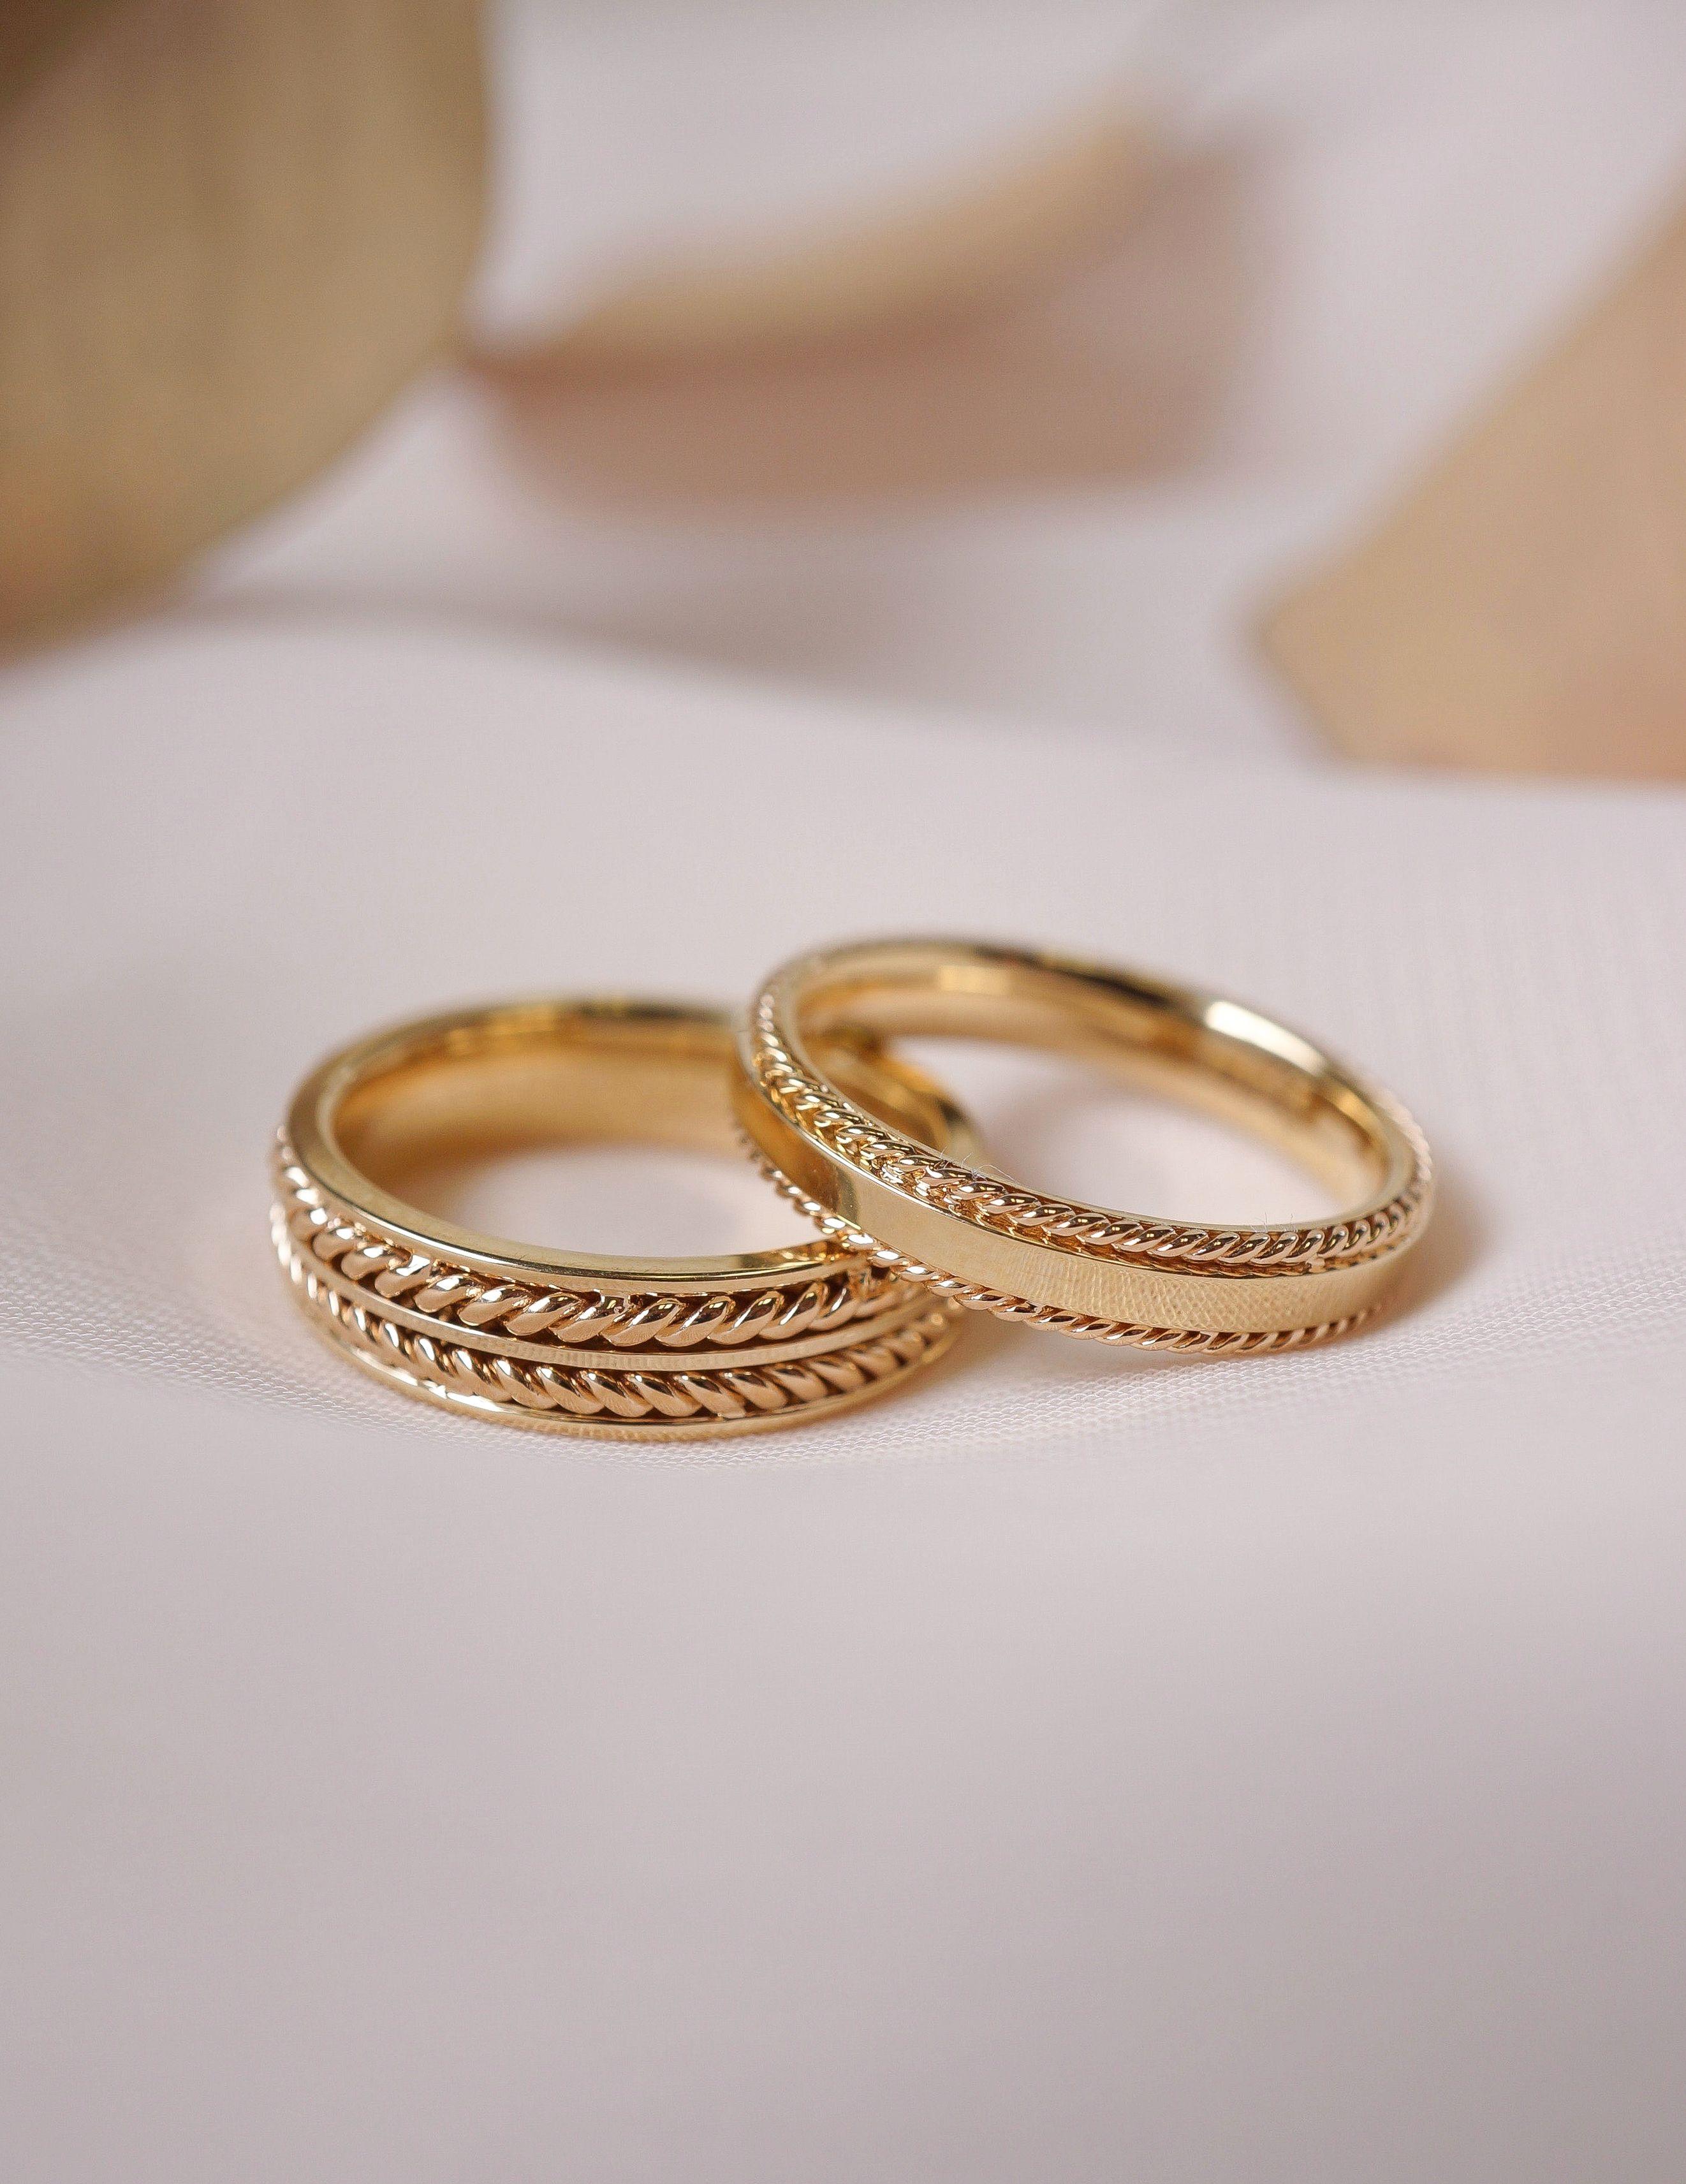 Wedding Rings For Women Gold Addicfashion